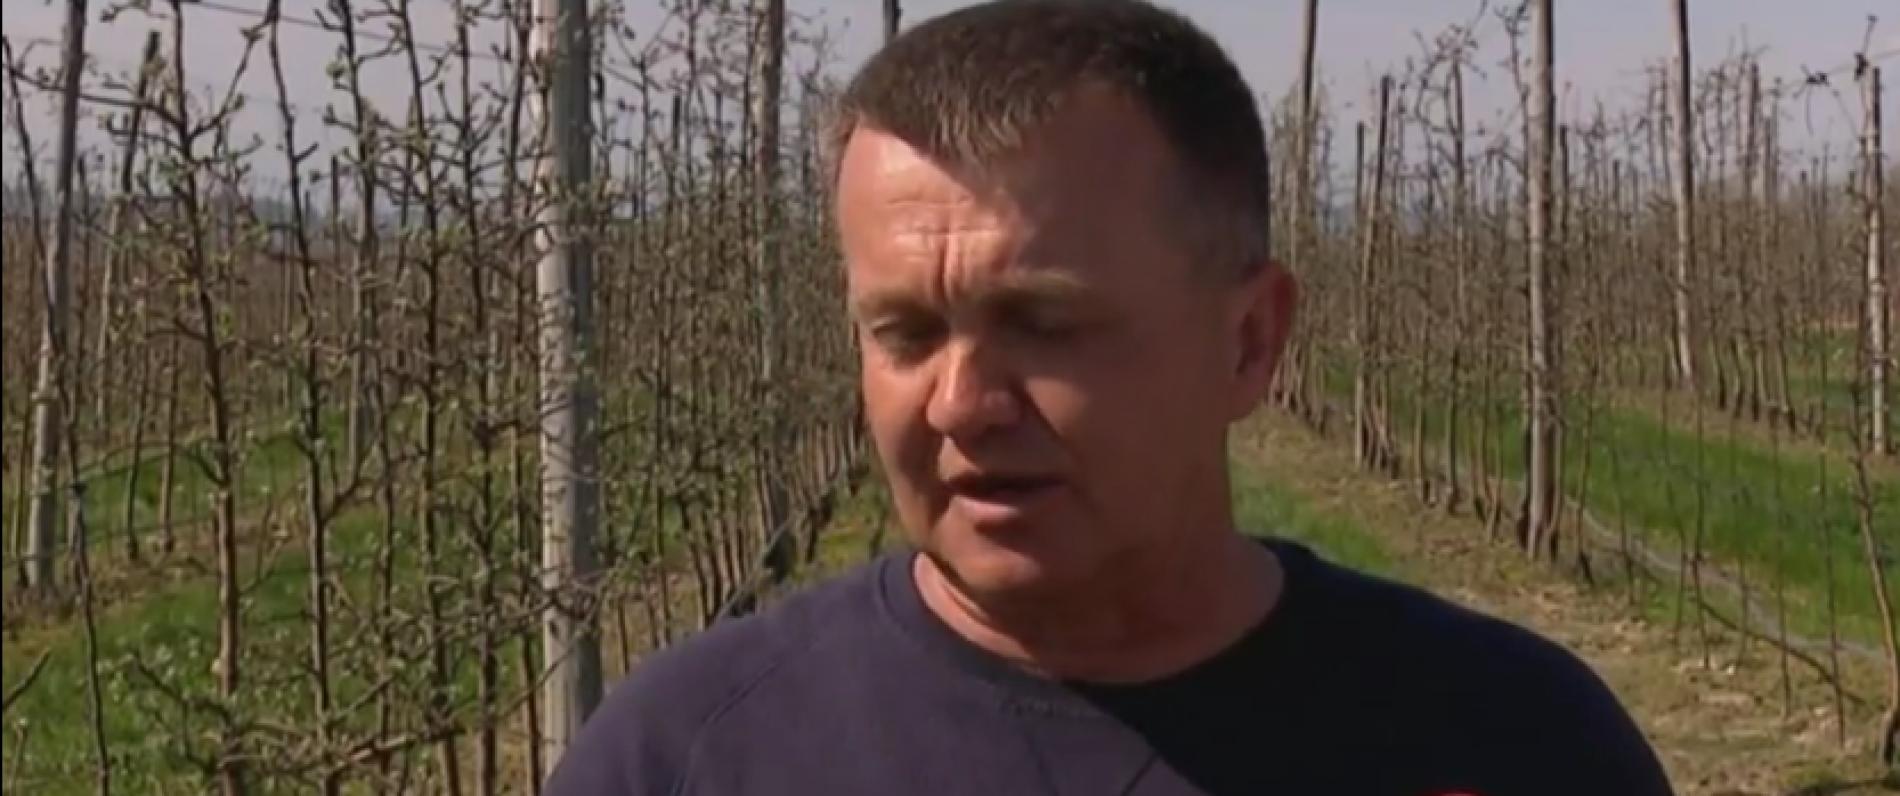 Primjer održivog povratka: Zasadio voćnjak jabuka ; Sav urod plasira na domaće tržište